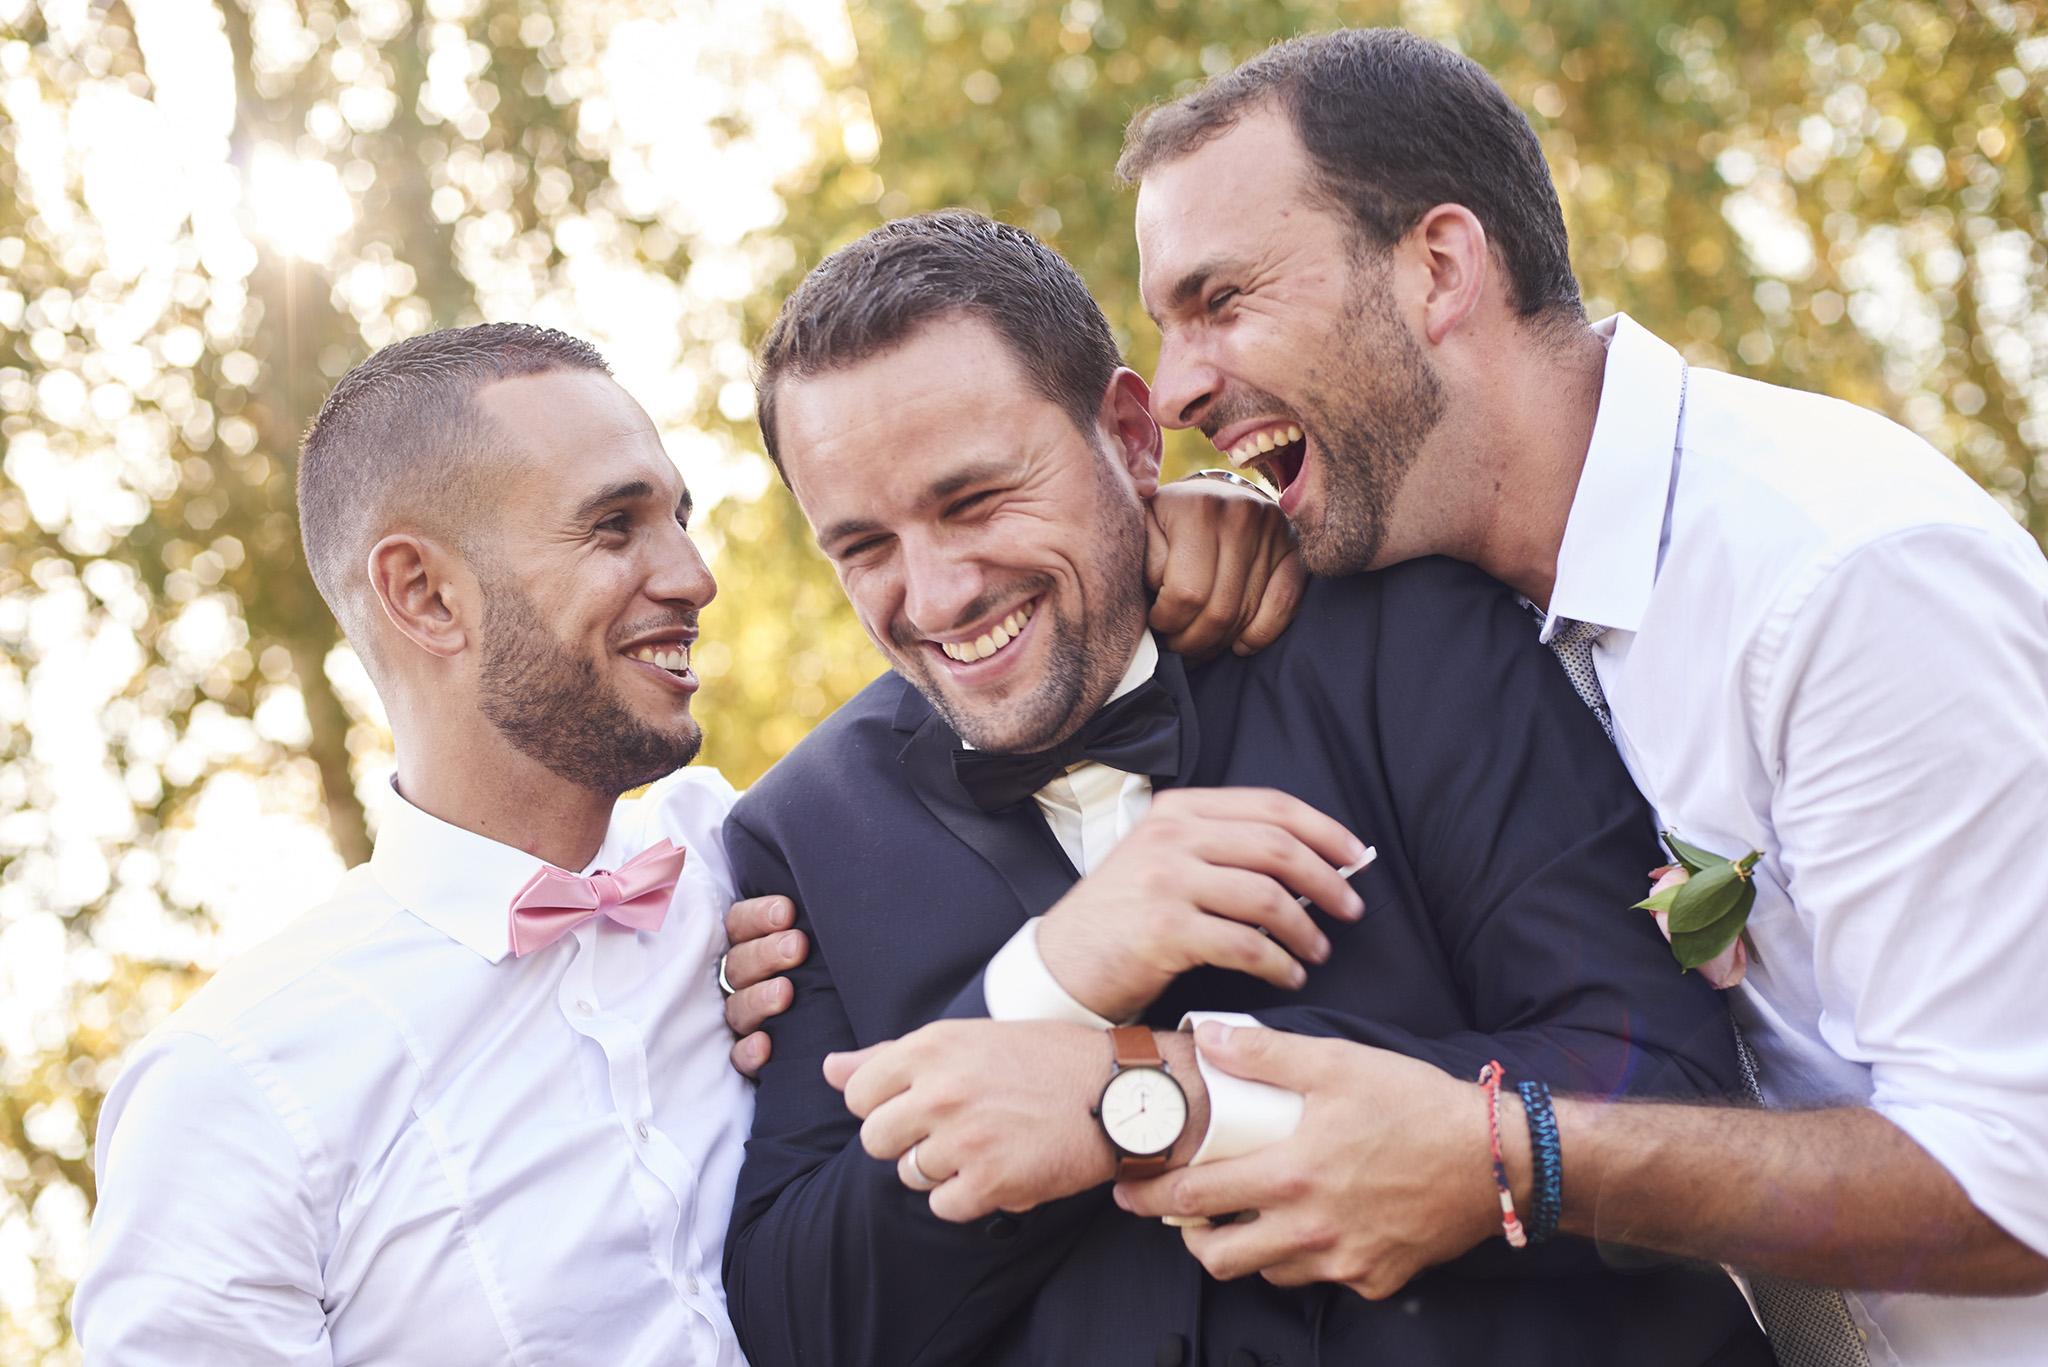 photographie de mariage cocktail repas nantes rennes vannes angers - rudy burbant